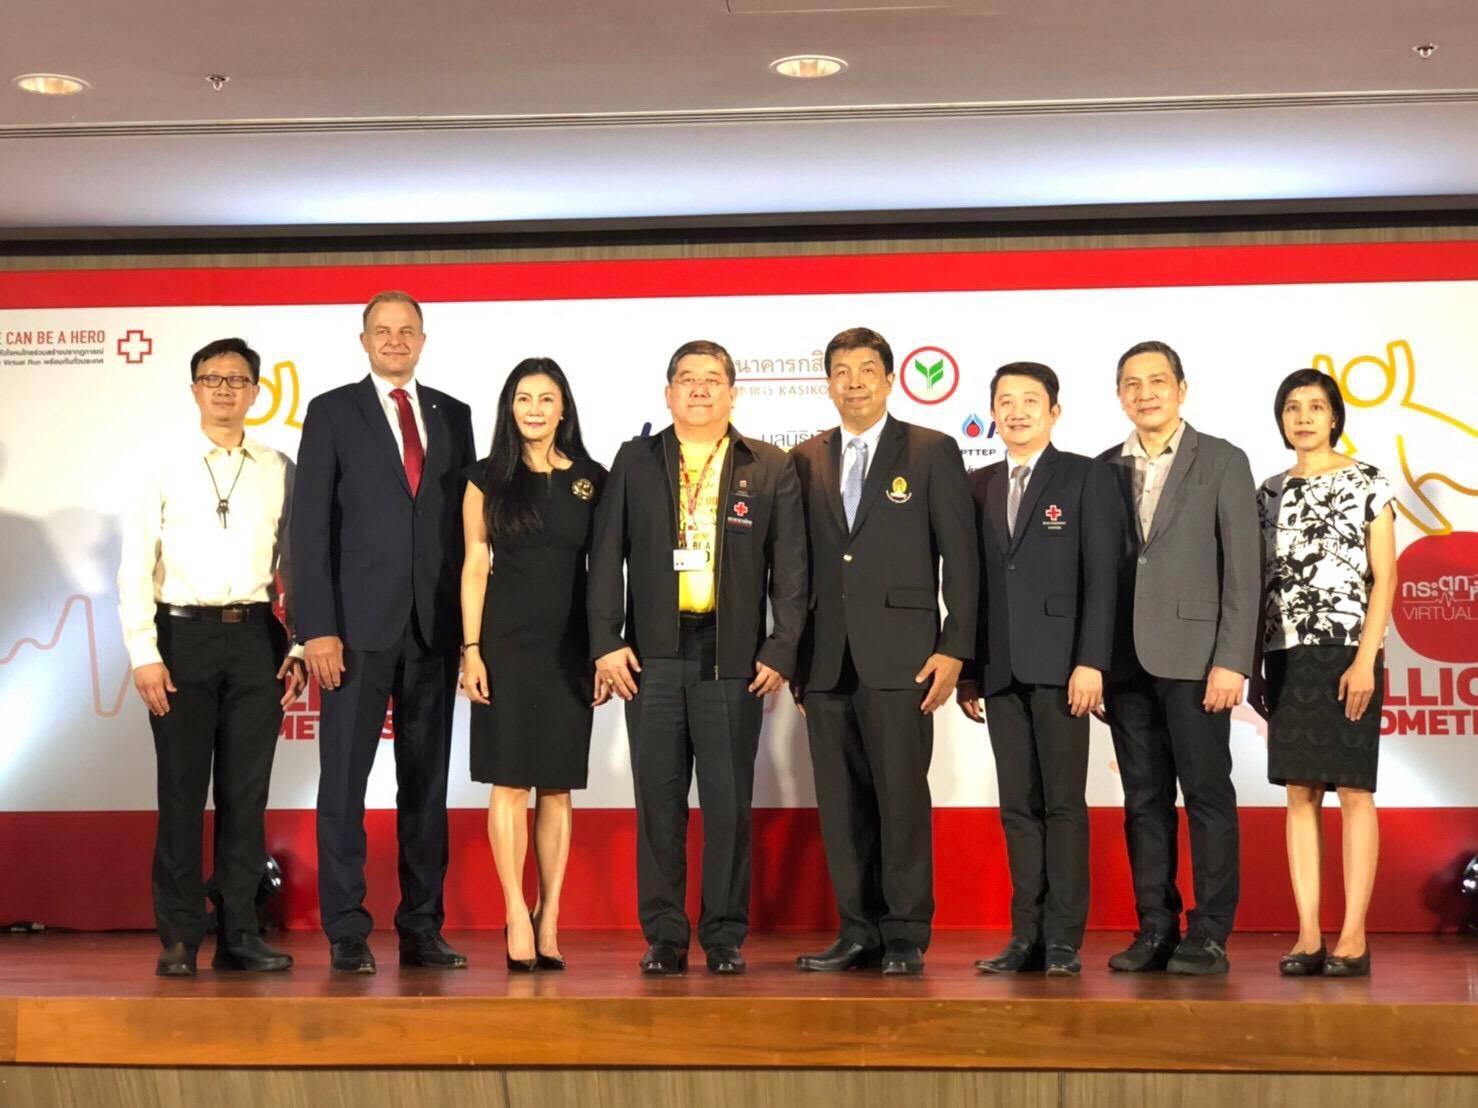 สภากาชาดไทย ชวนร่วมบริจาคเงินซื้อเครื่อง AED